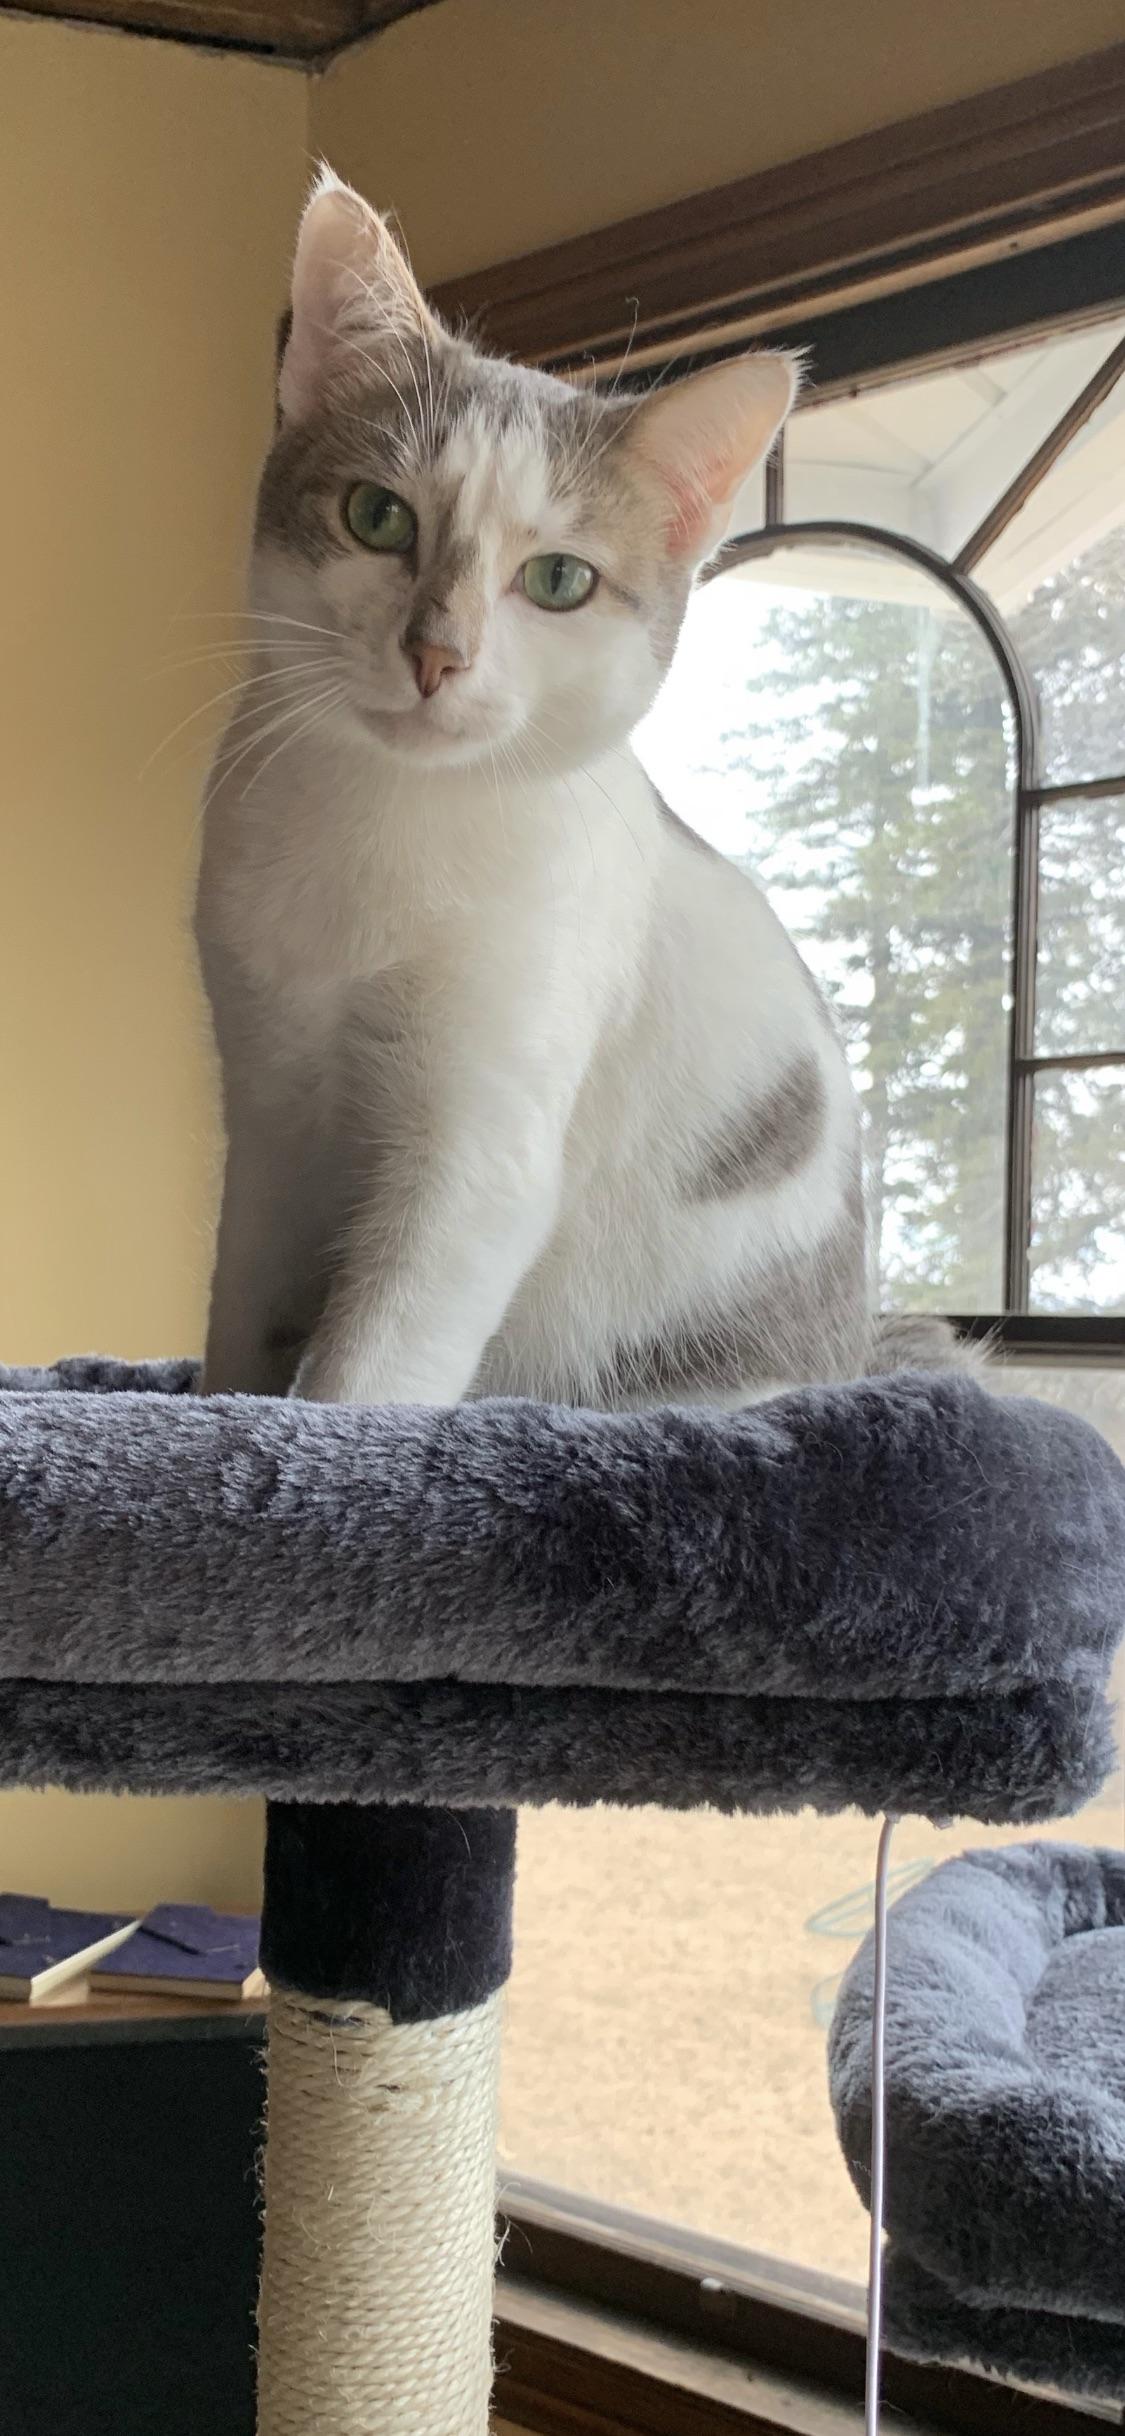 Peepmycat